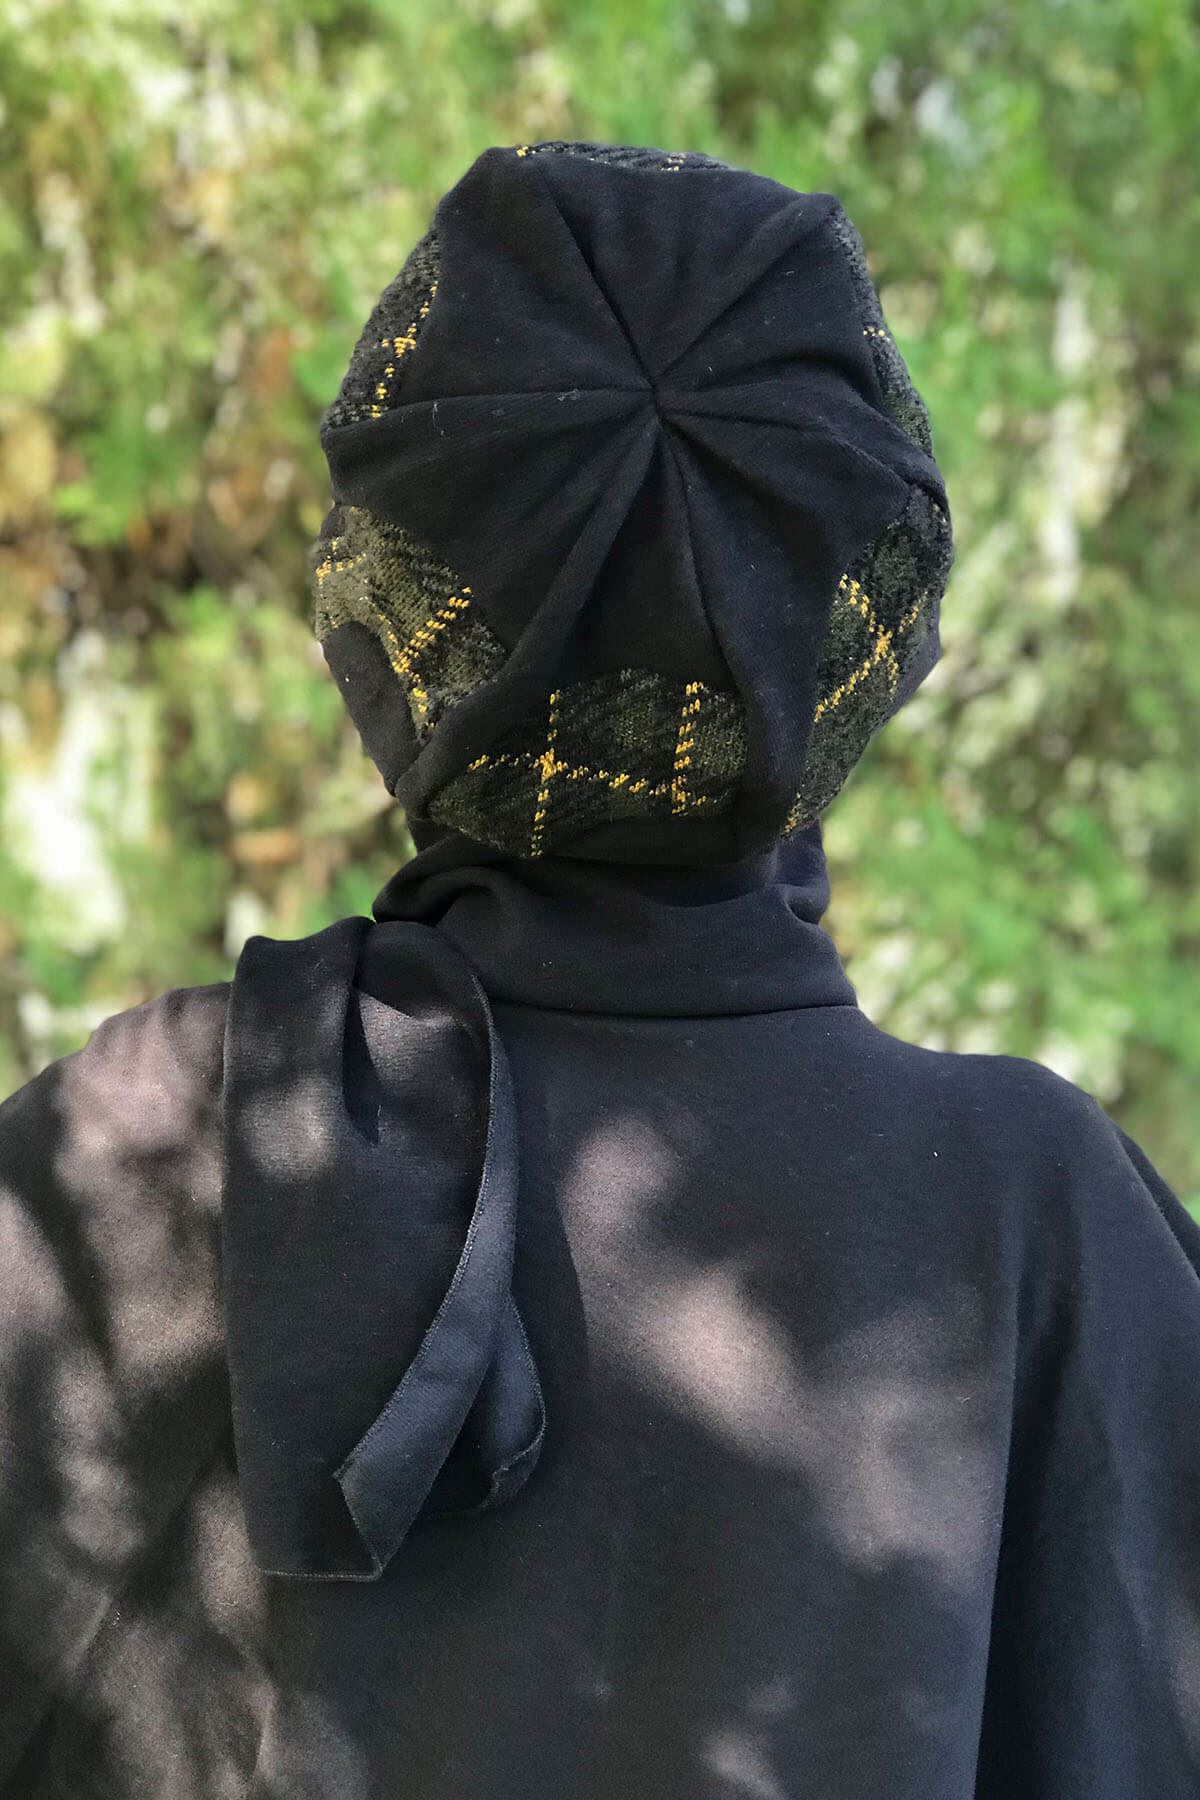 Siyah Püsküllü Panço&Siyah Yarımay Model Yeşil Ekoseli Hardal Selanik Atkılı Bere Şal Kombin